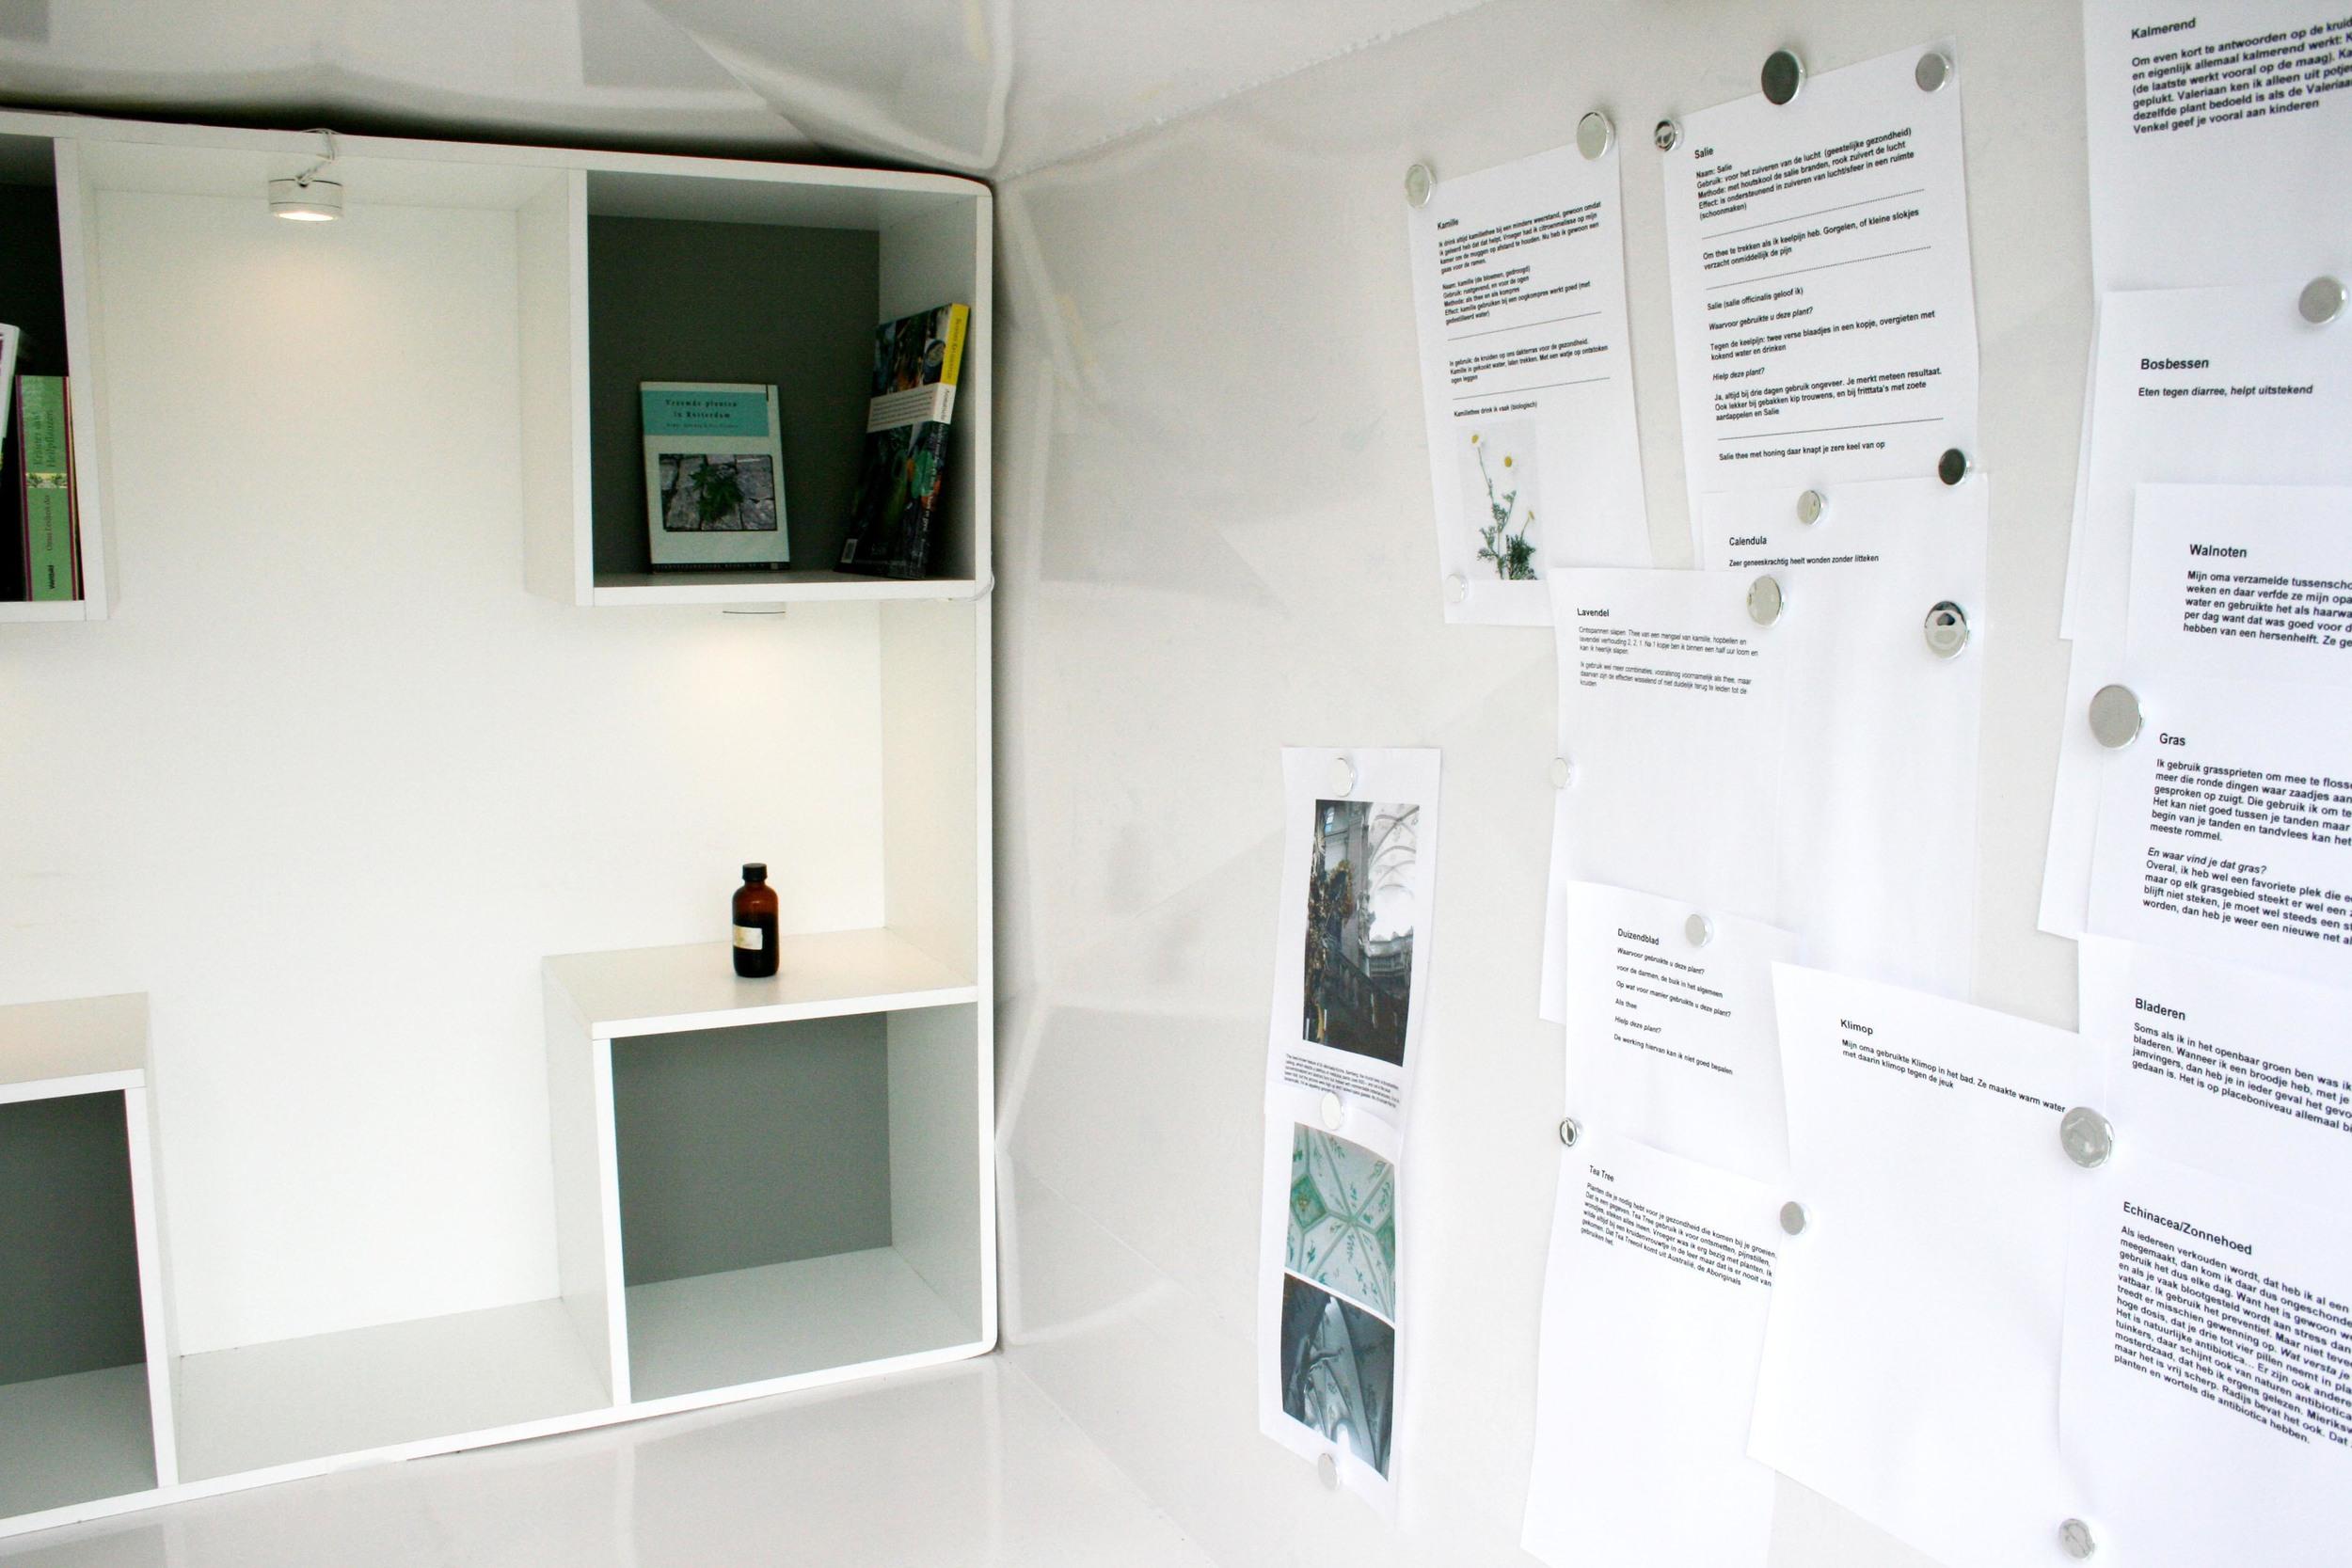 In de apotheek bevindt zich het kenniscentrum met de resultaten / foto's, e.d.